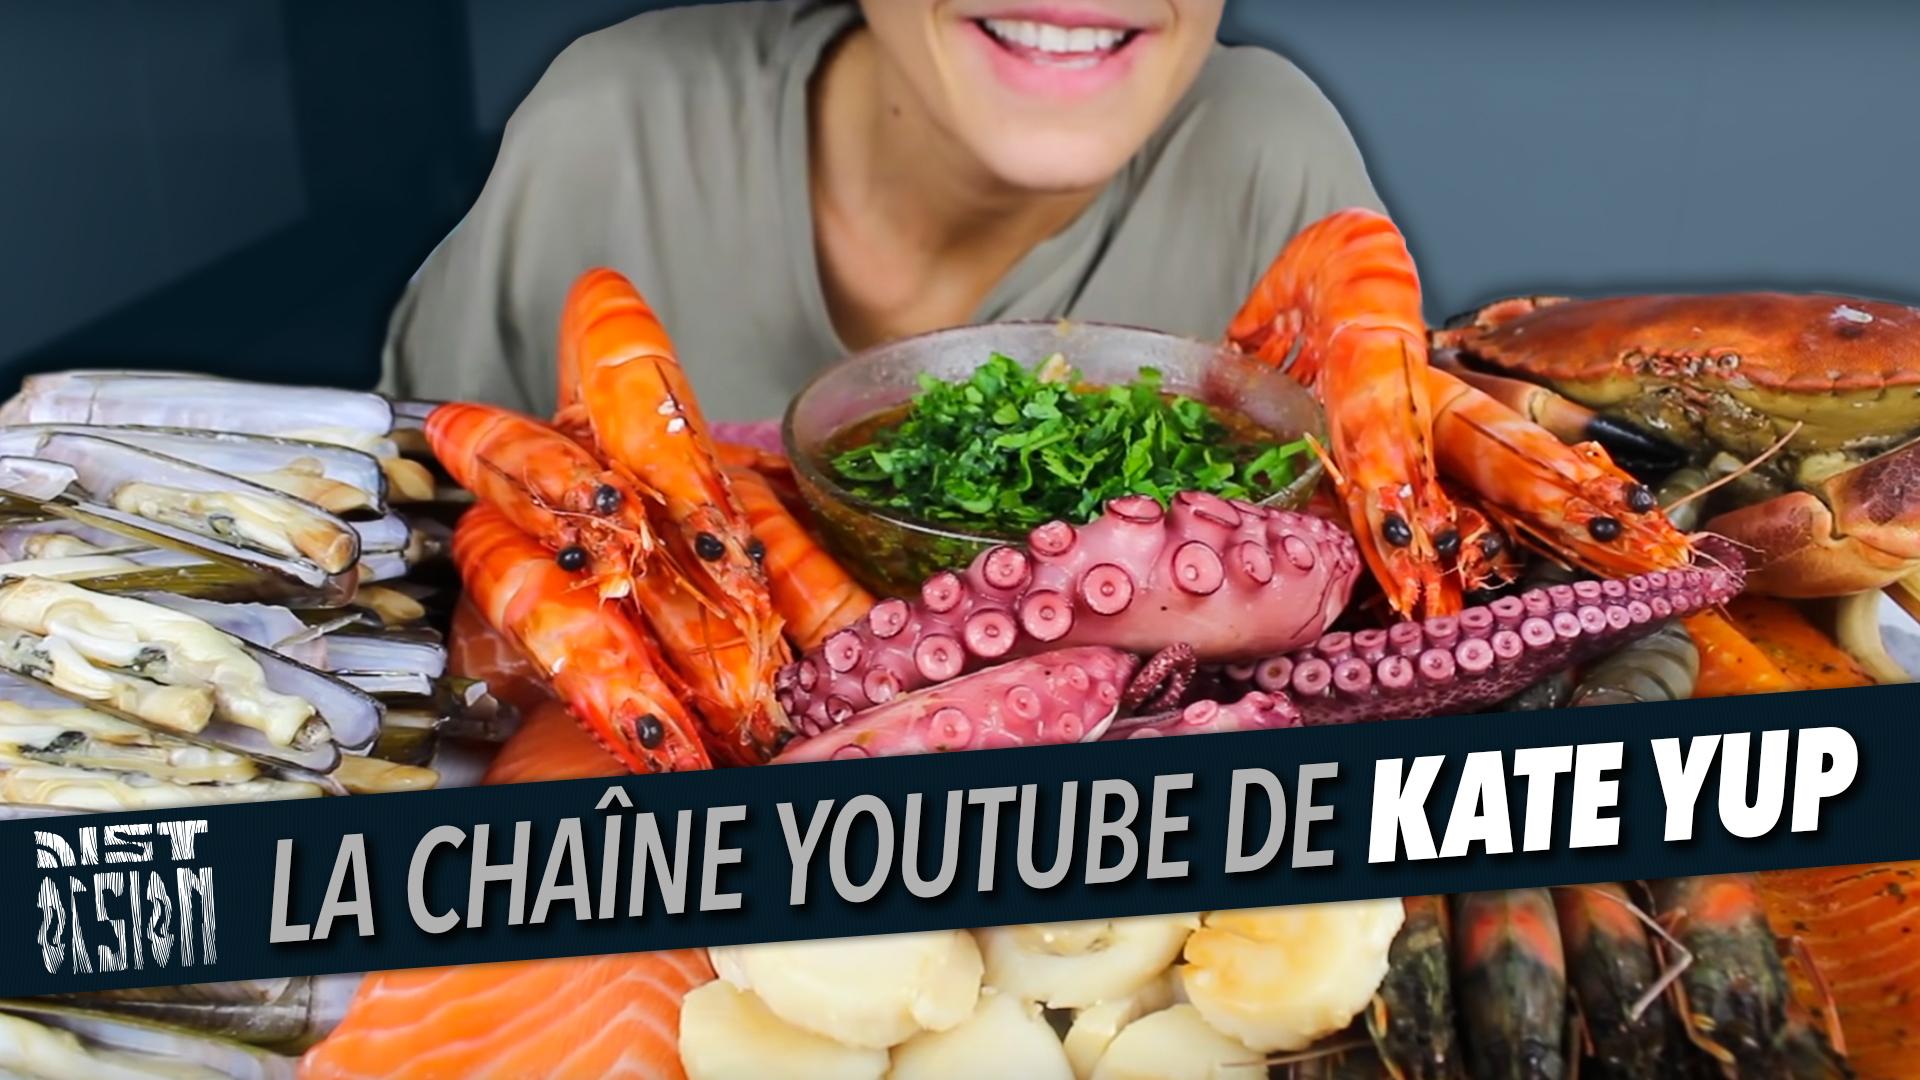 La bizarre chaîne YouTube de Kate Yup